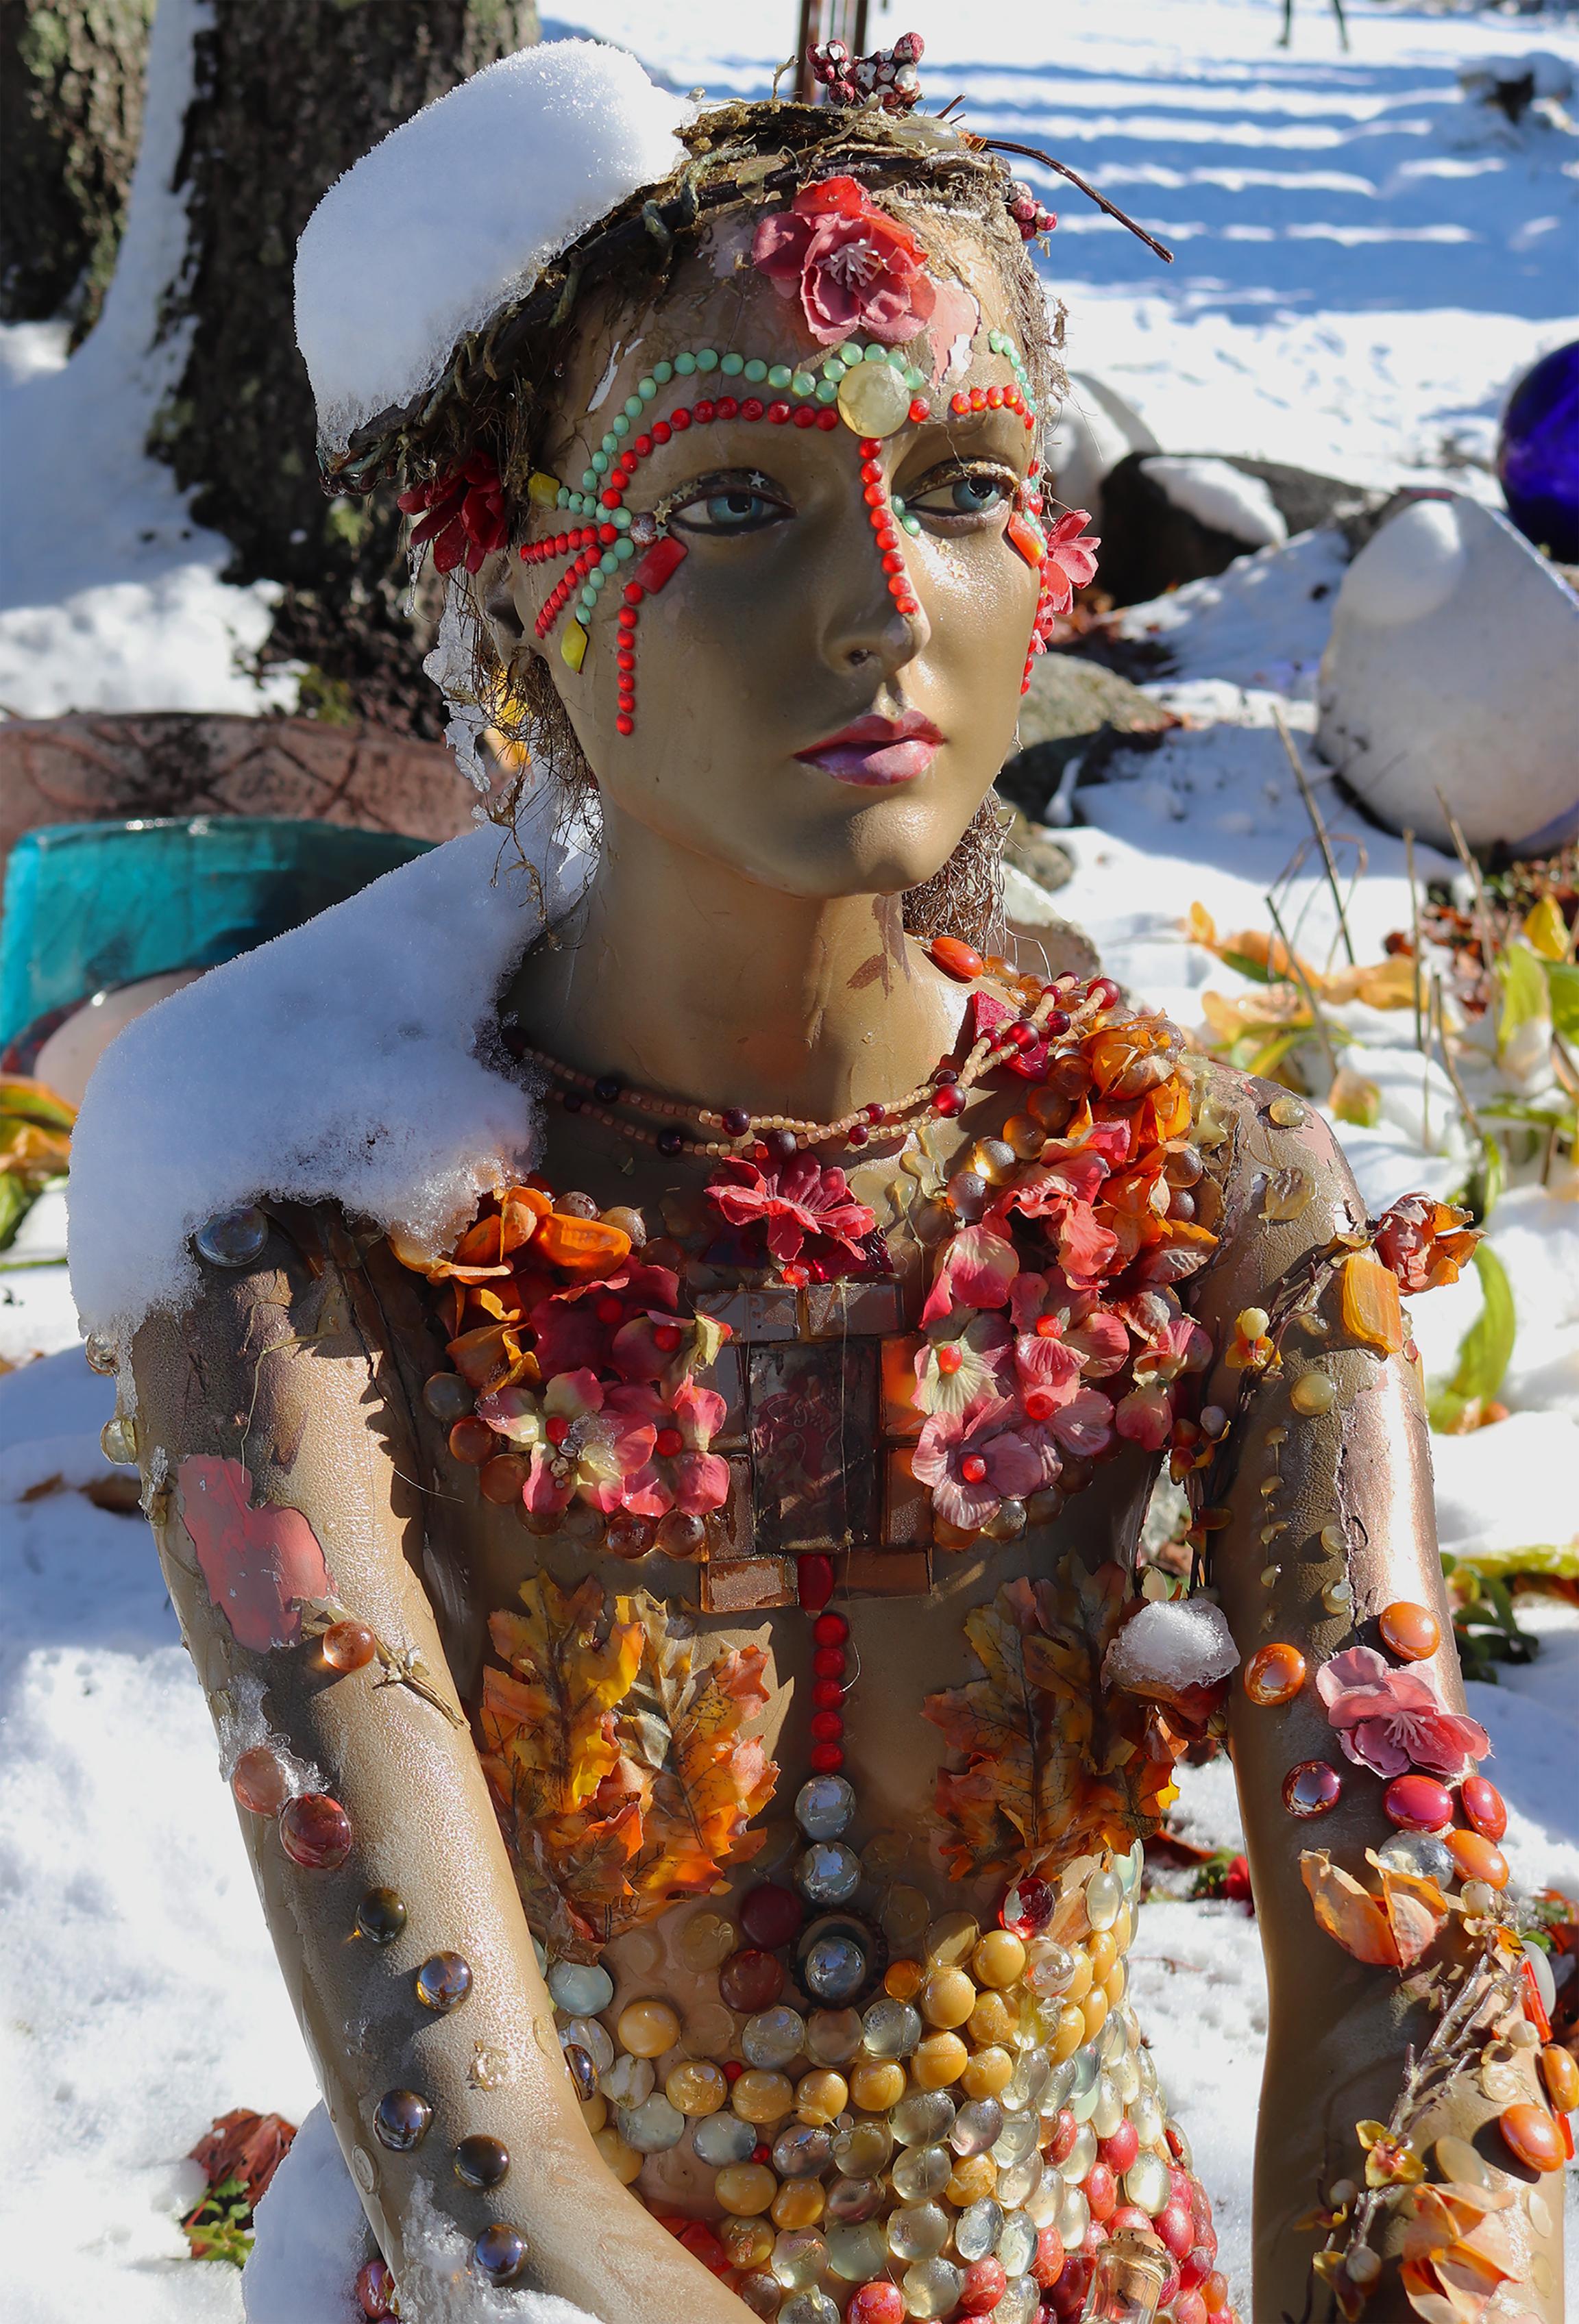 Mannequin in snow